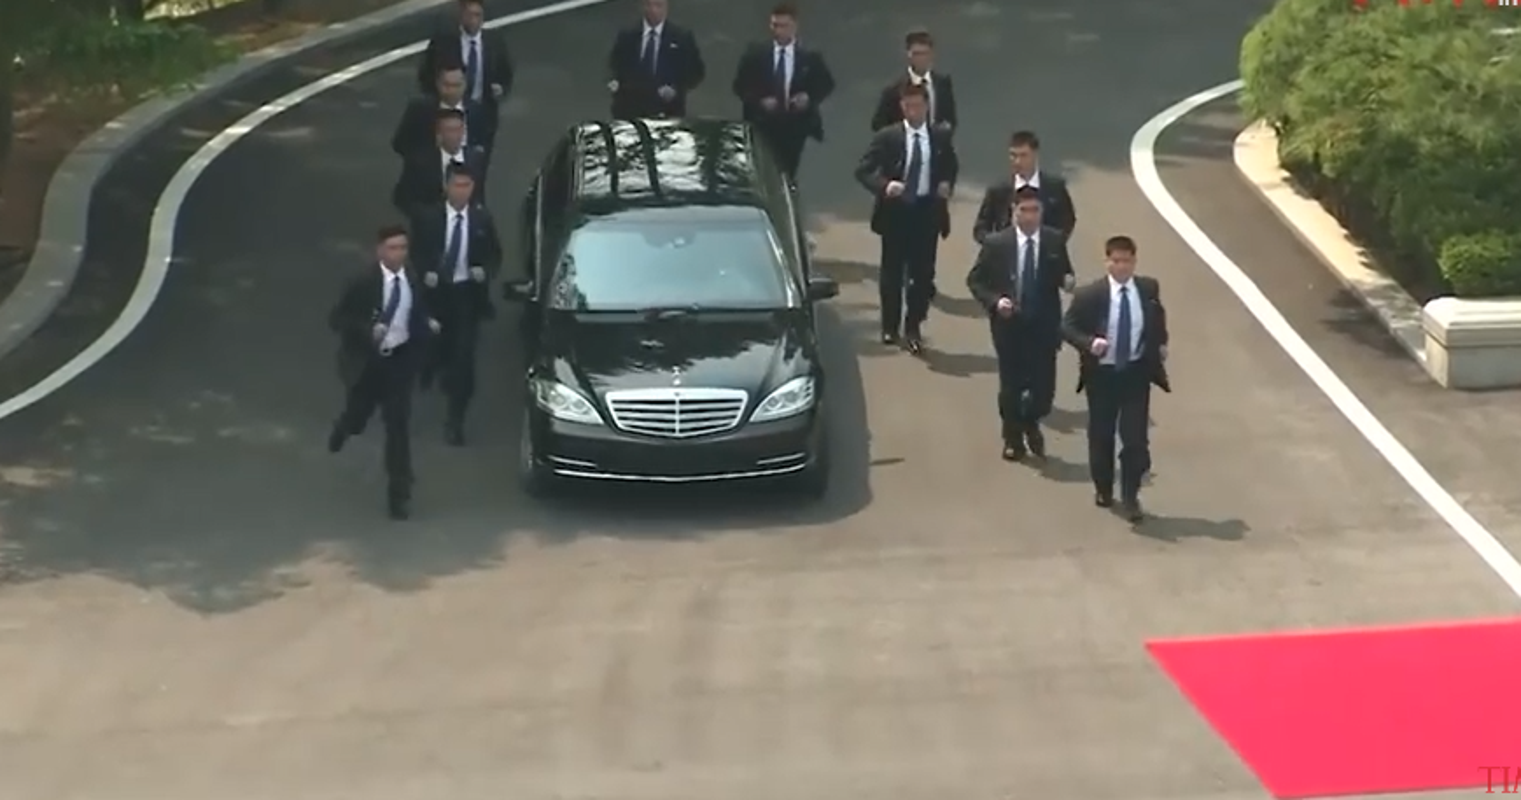 Khi cong du nuoc ngoai, ong Kim Jong-un duoc bao ve the nao?-Hinh-10